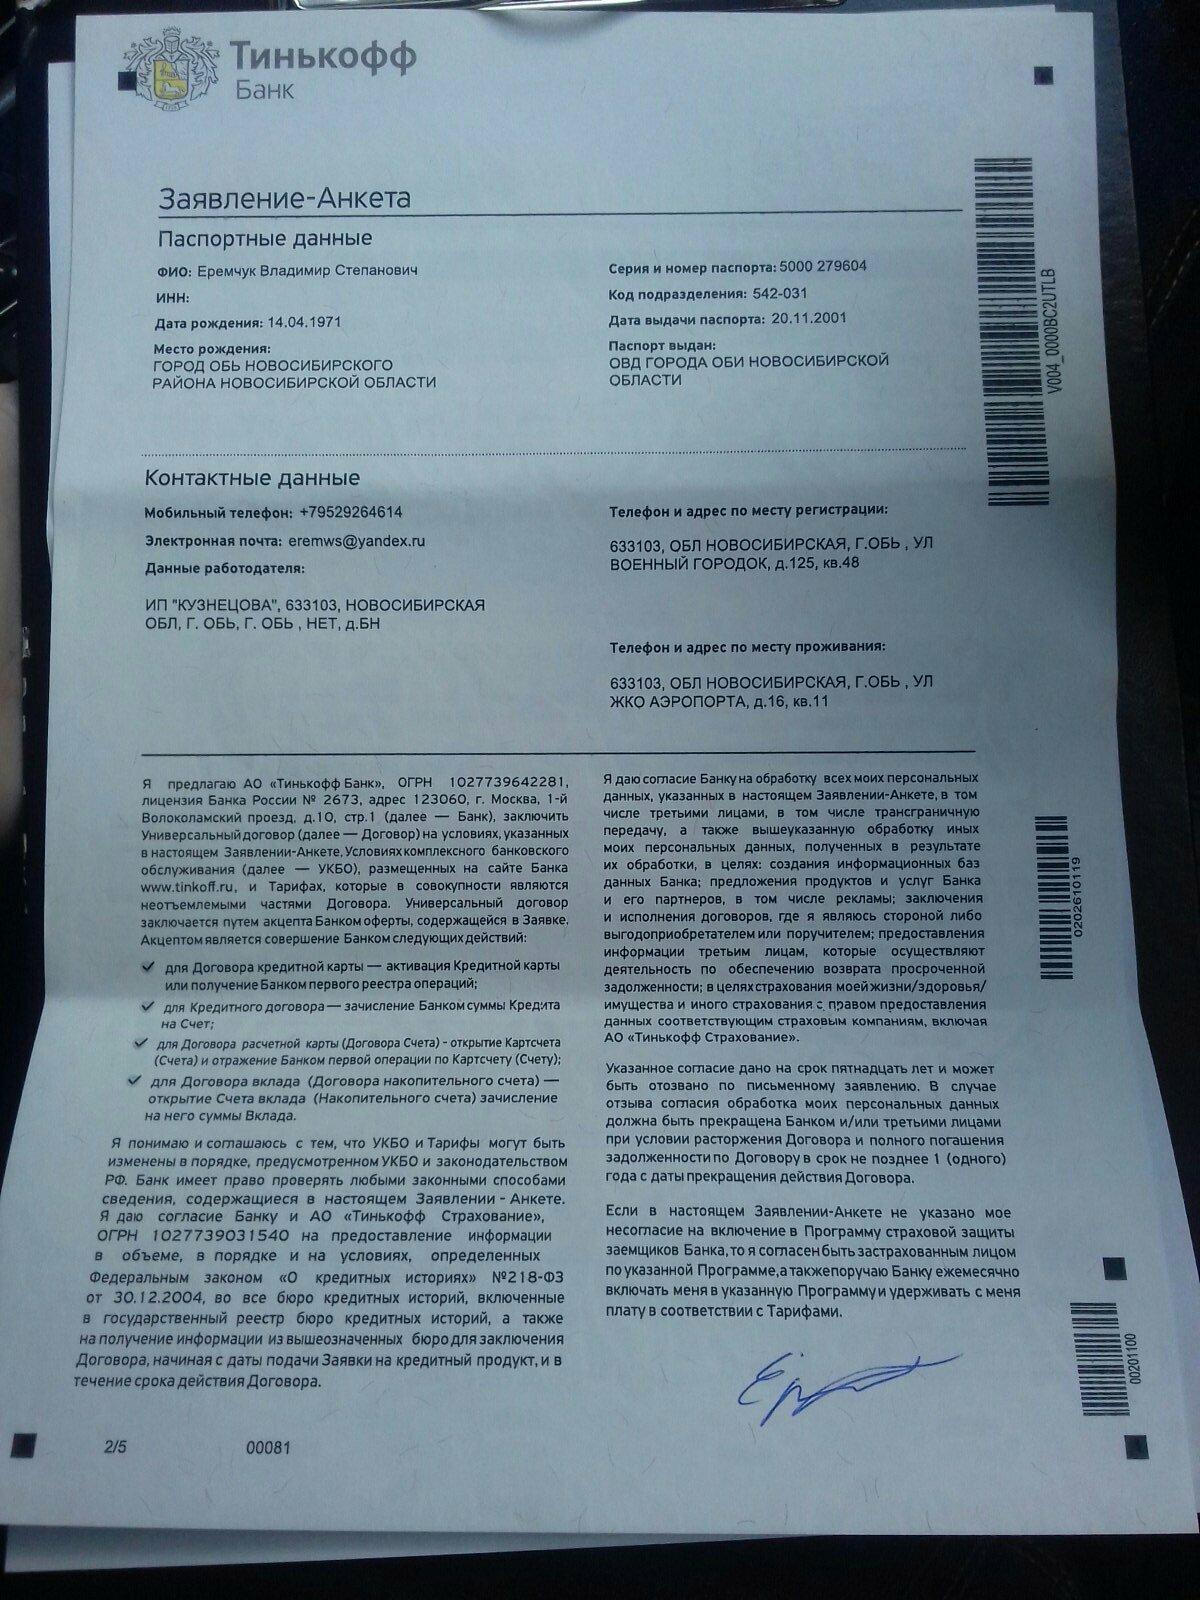 тинькофф банк кредитный договор